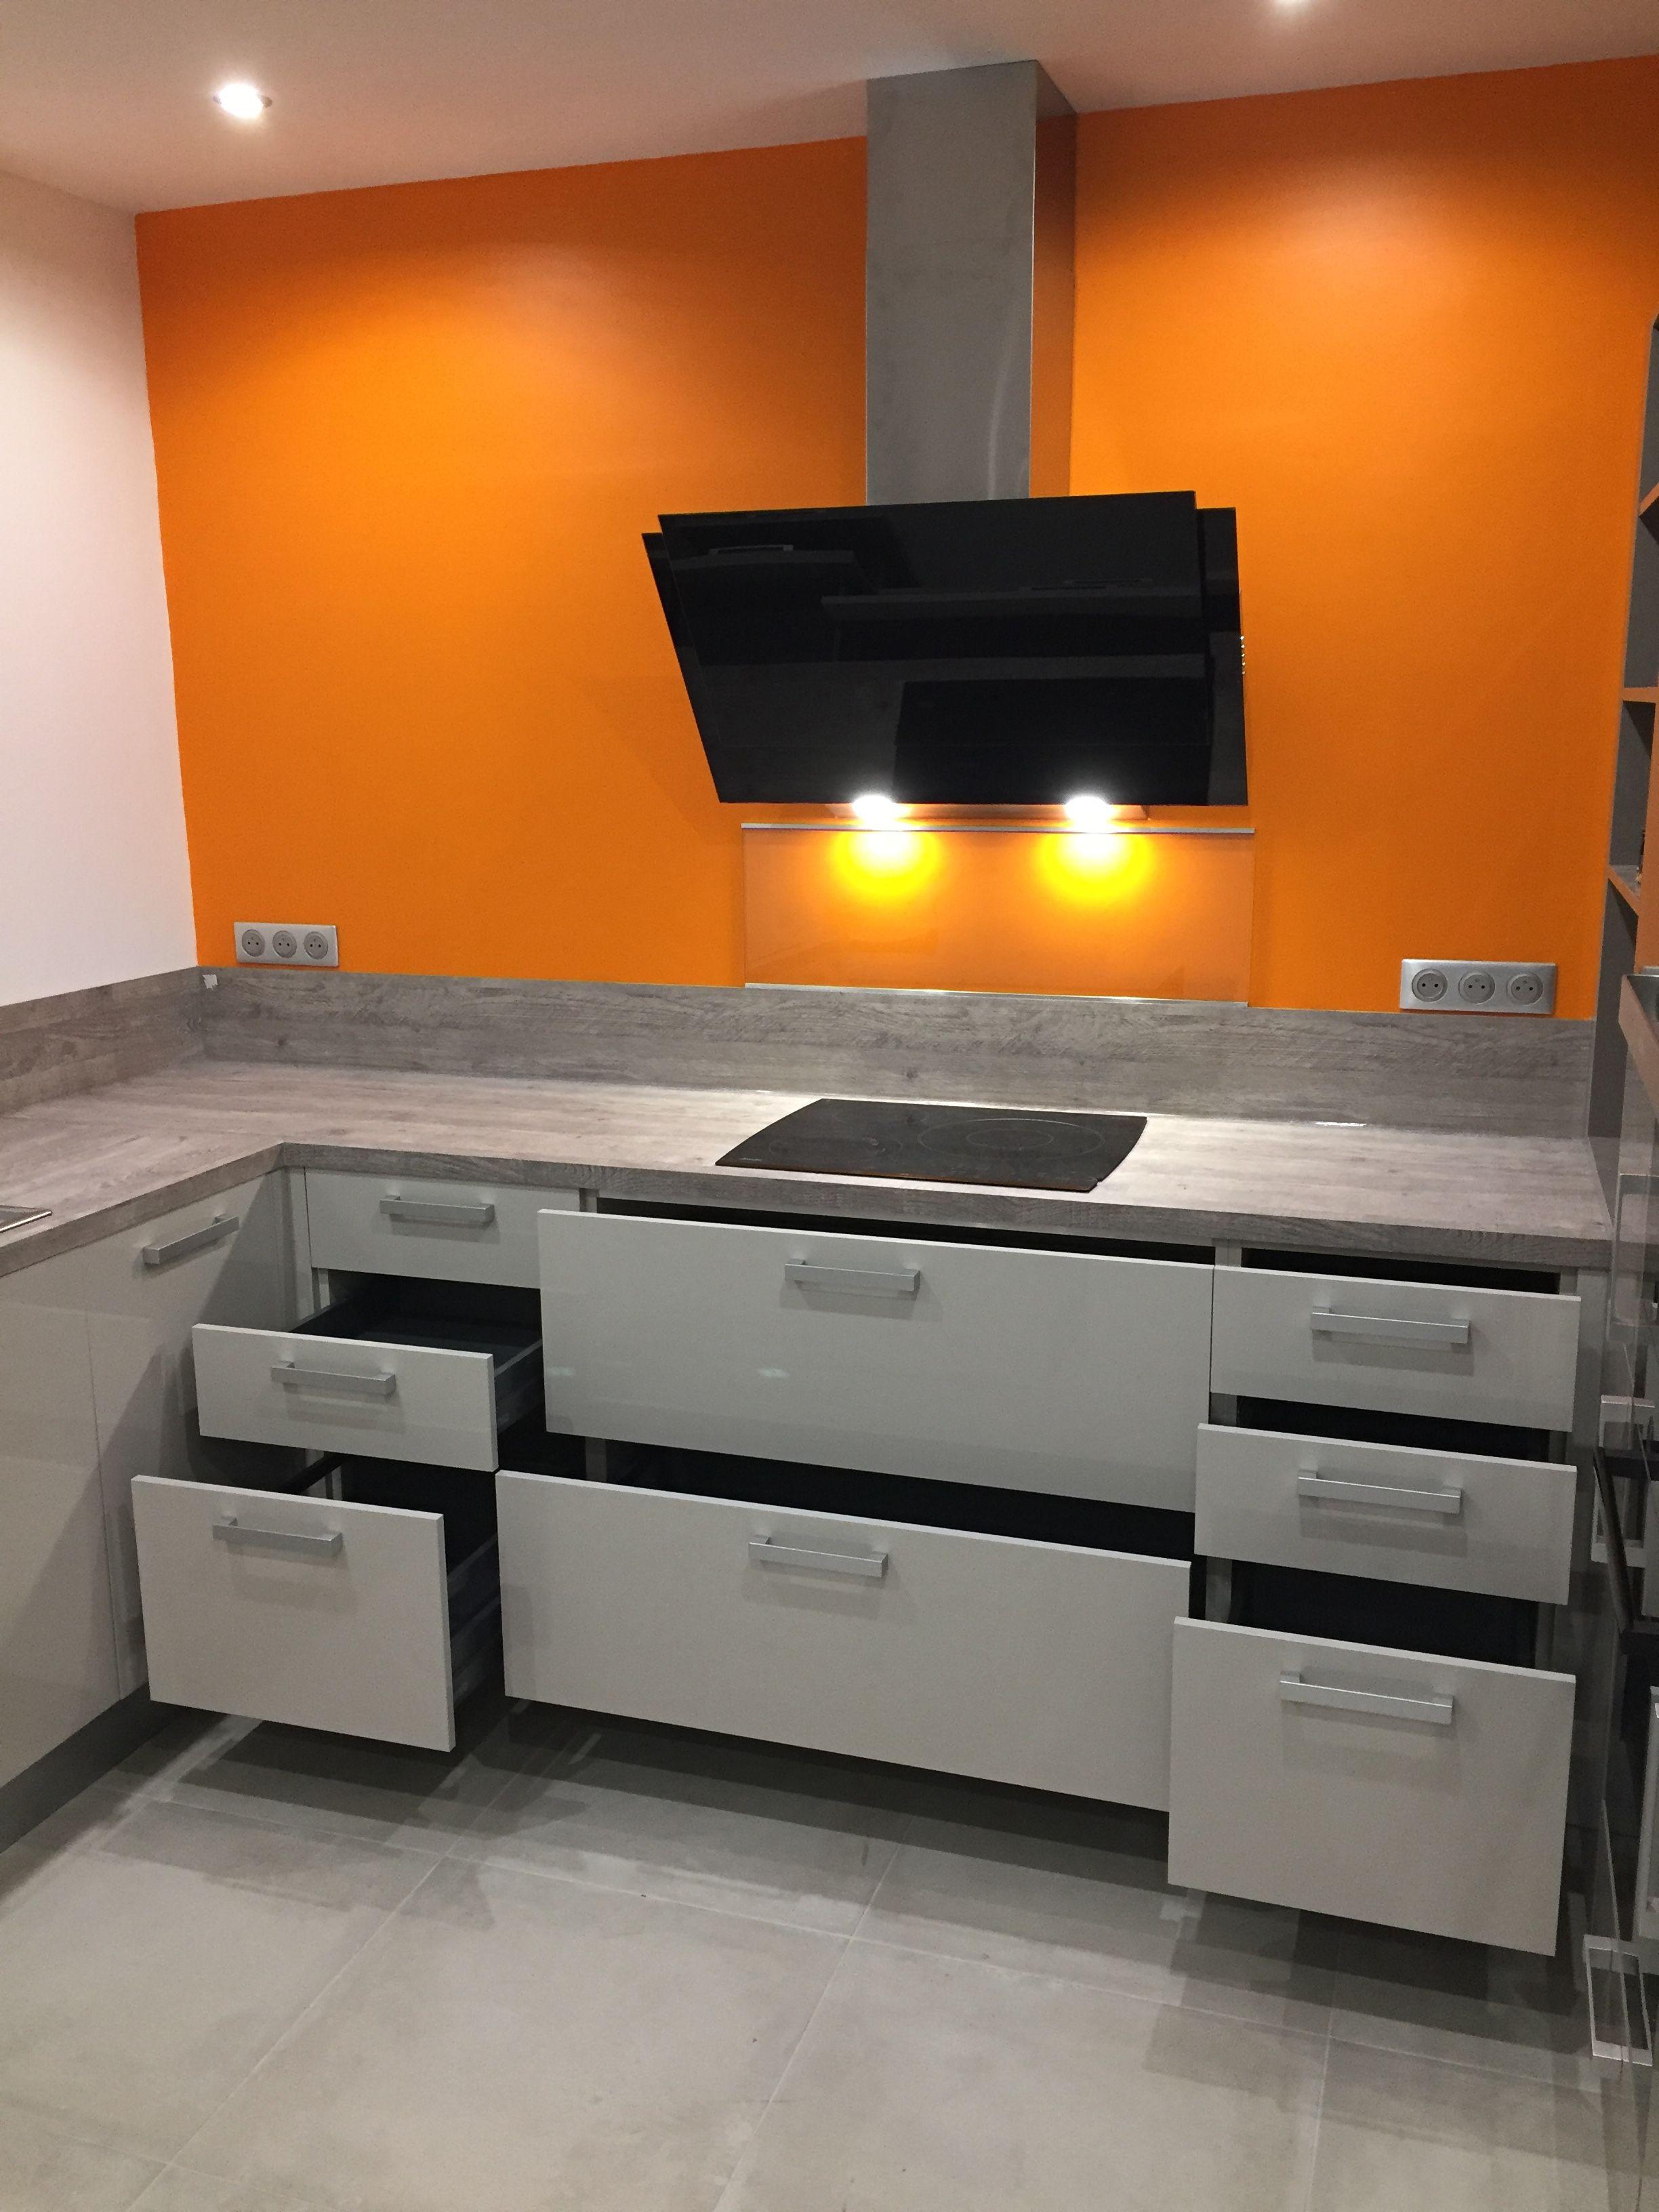 Mur orange dans une cuisine avec un maximum de tiroirs et de ...